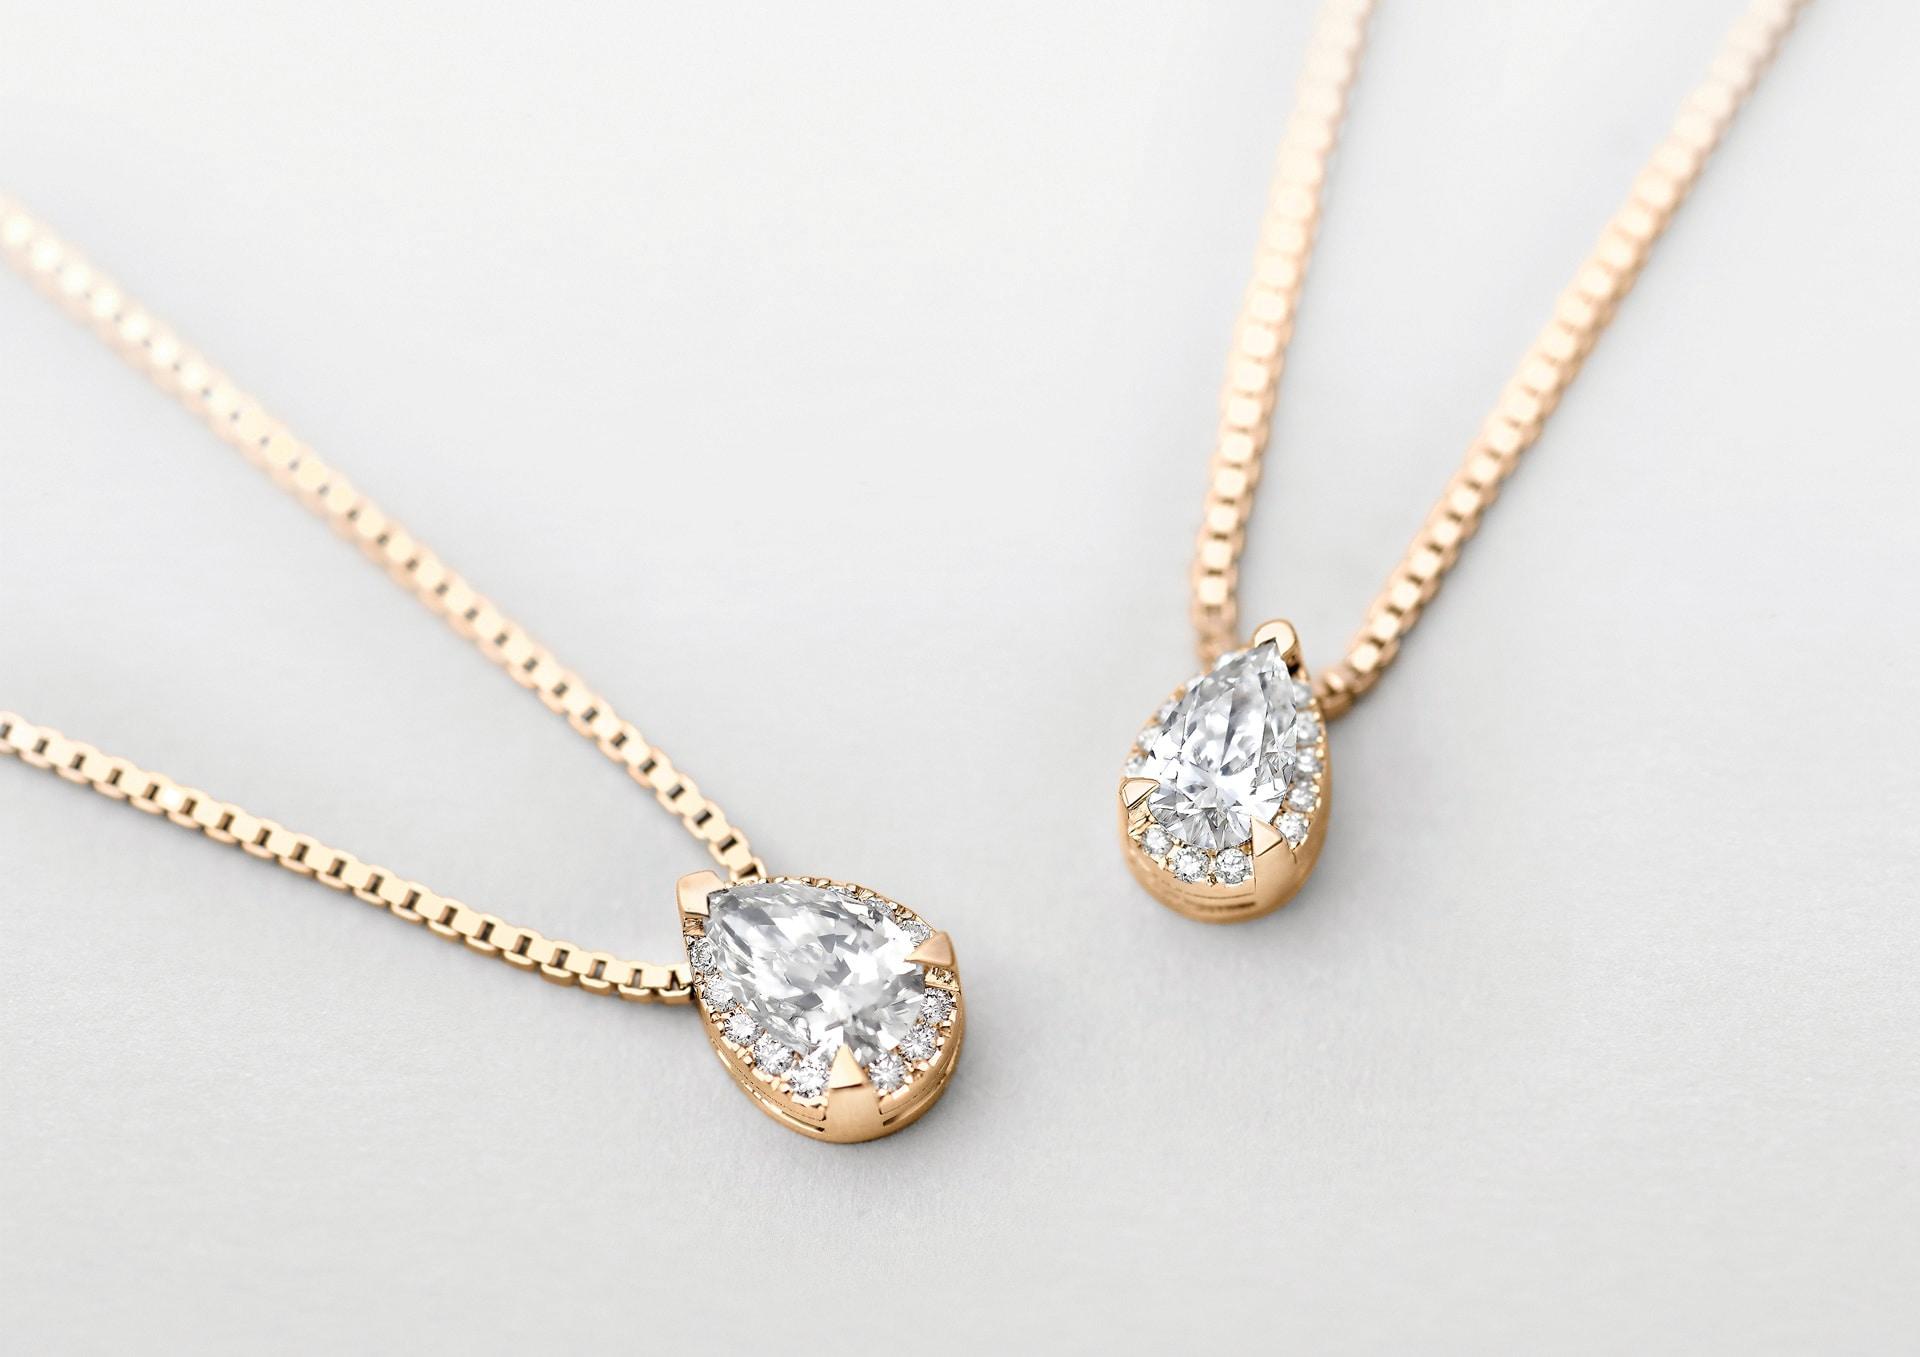 Giorgio Visconti. Girocollo solitario Io Luce, in oro rosa con diamante taglio goccia centrale e contorno di diamanti taglio brillante.